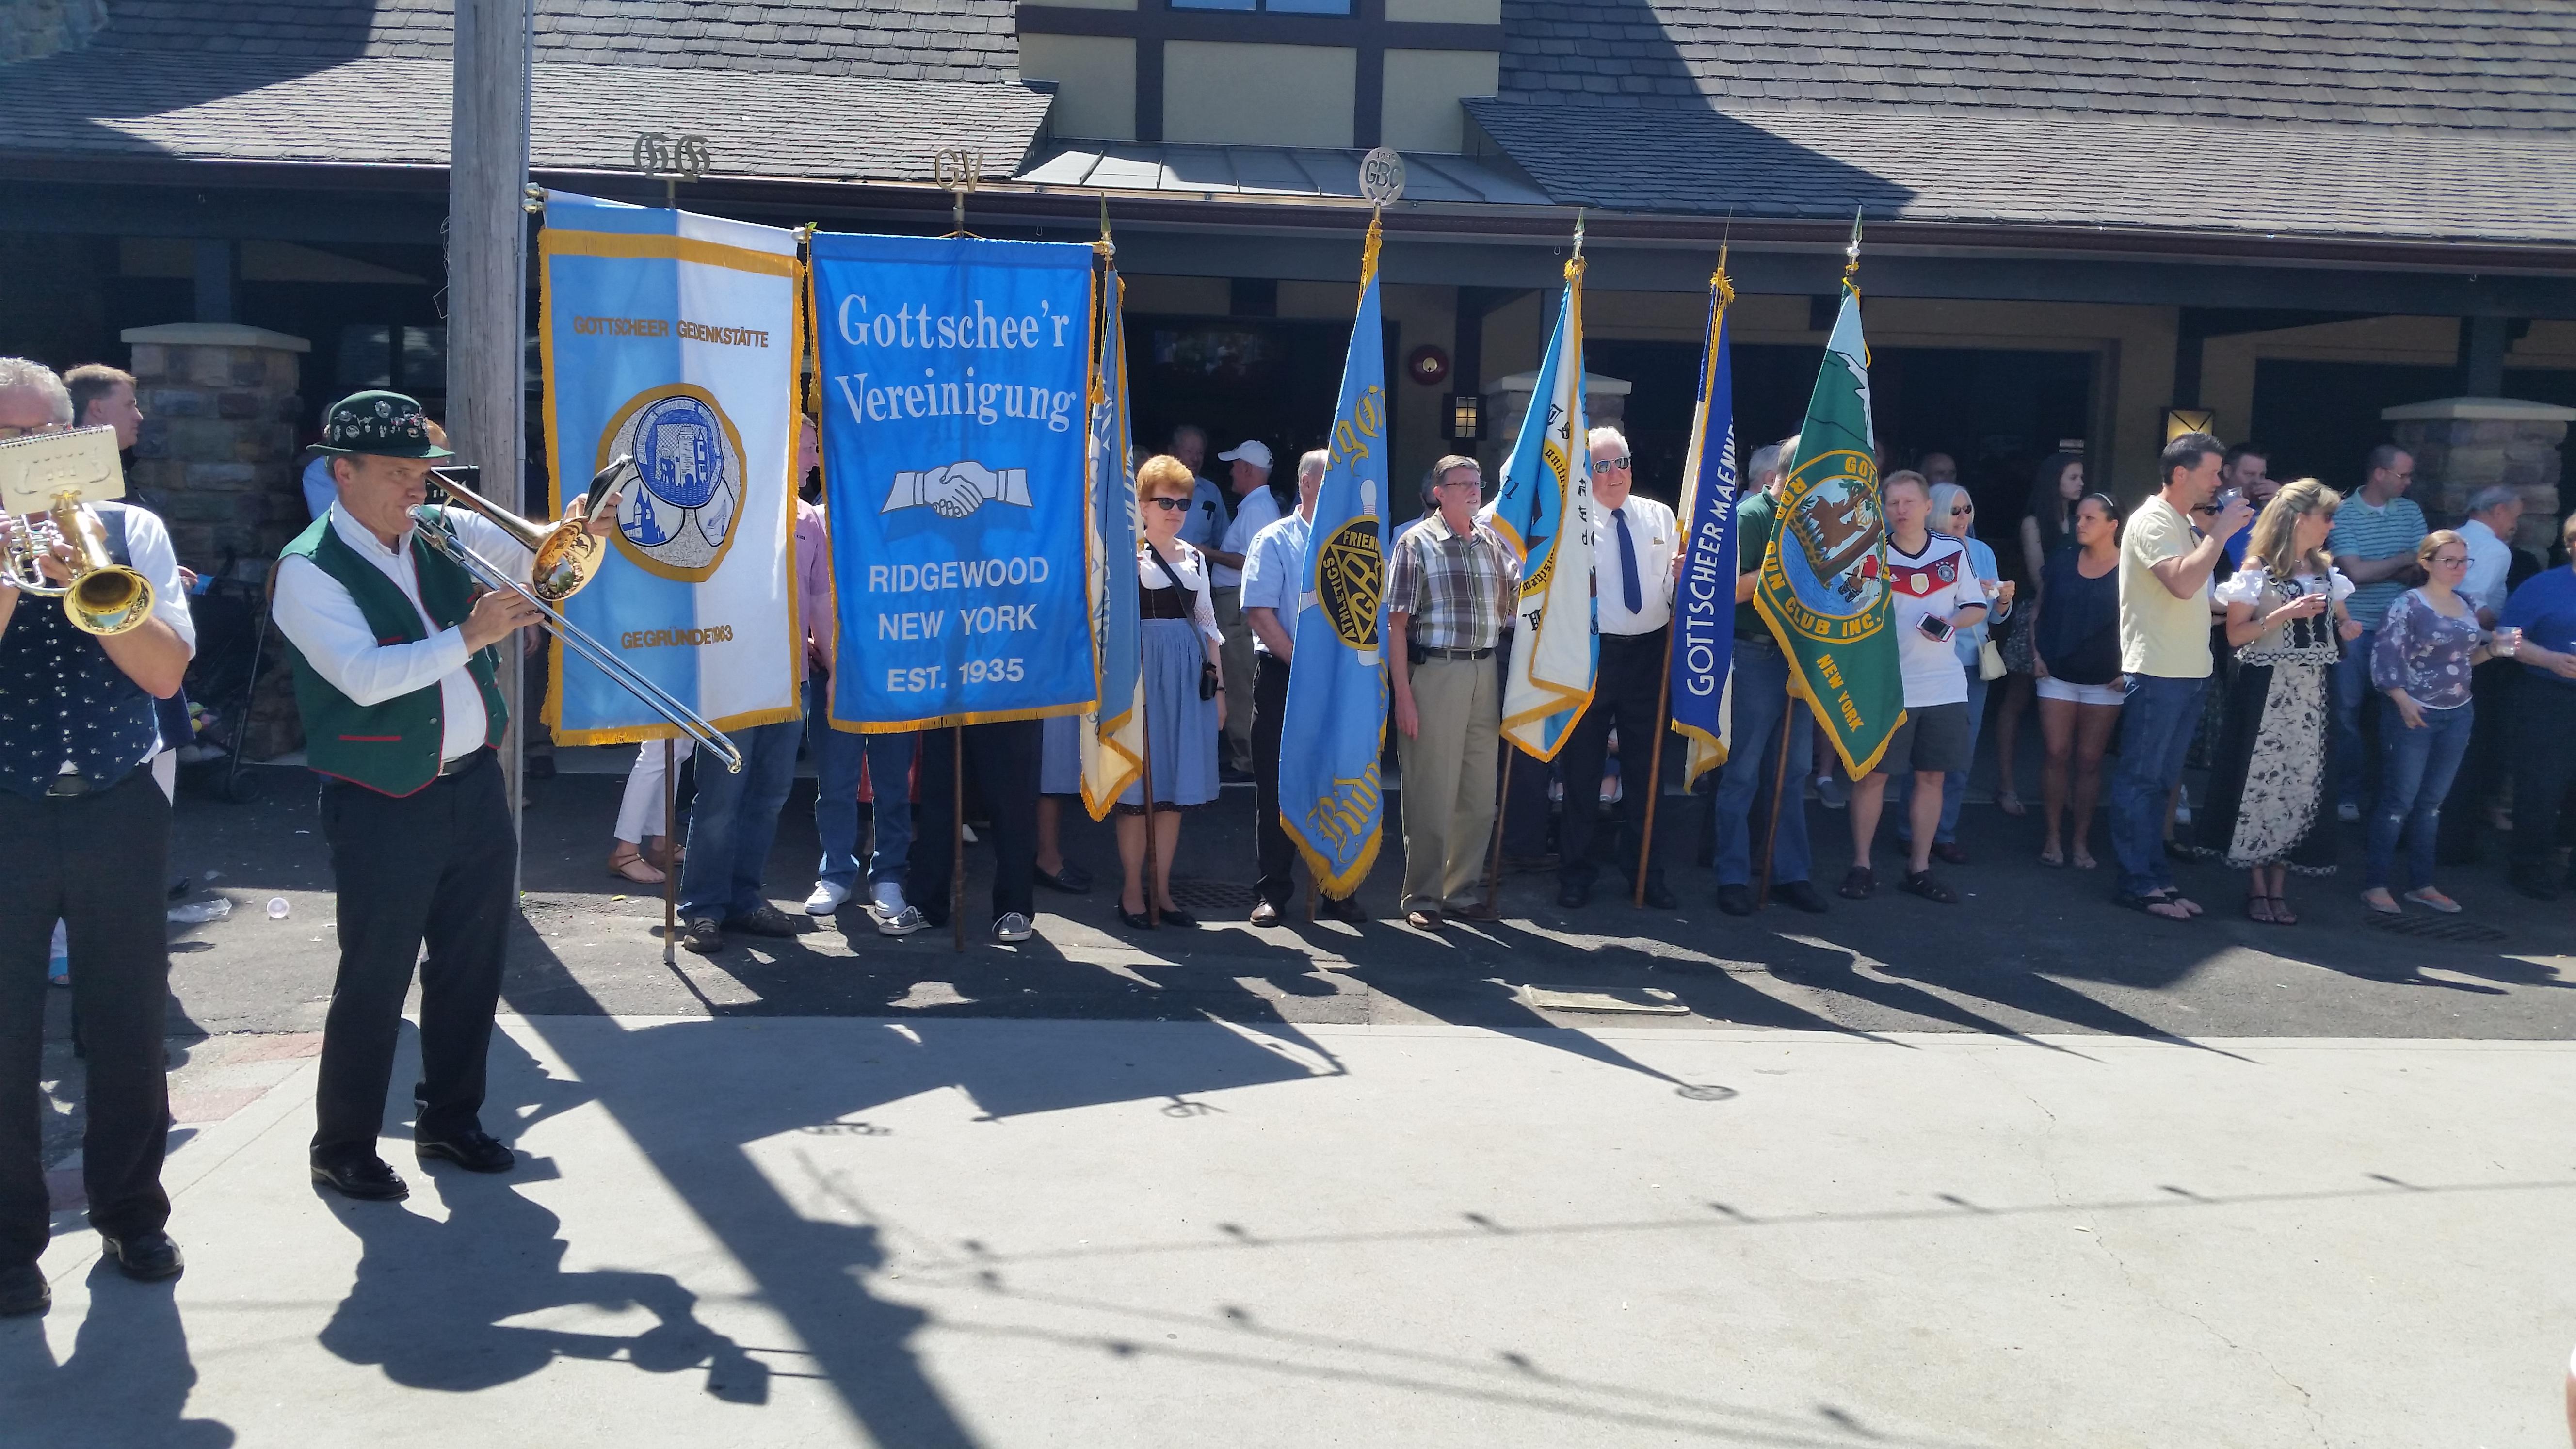 Gottscheer descendants attend a festival in New York